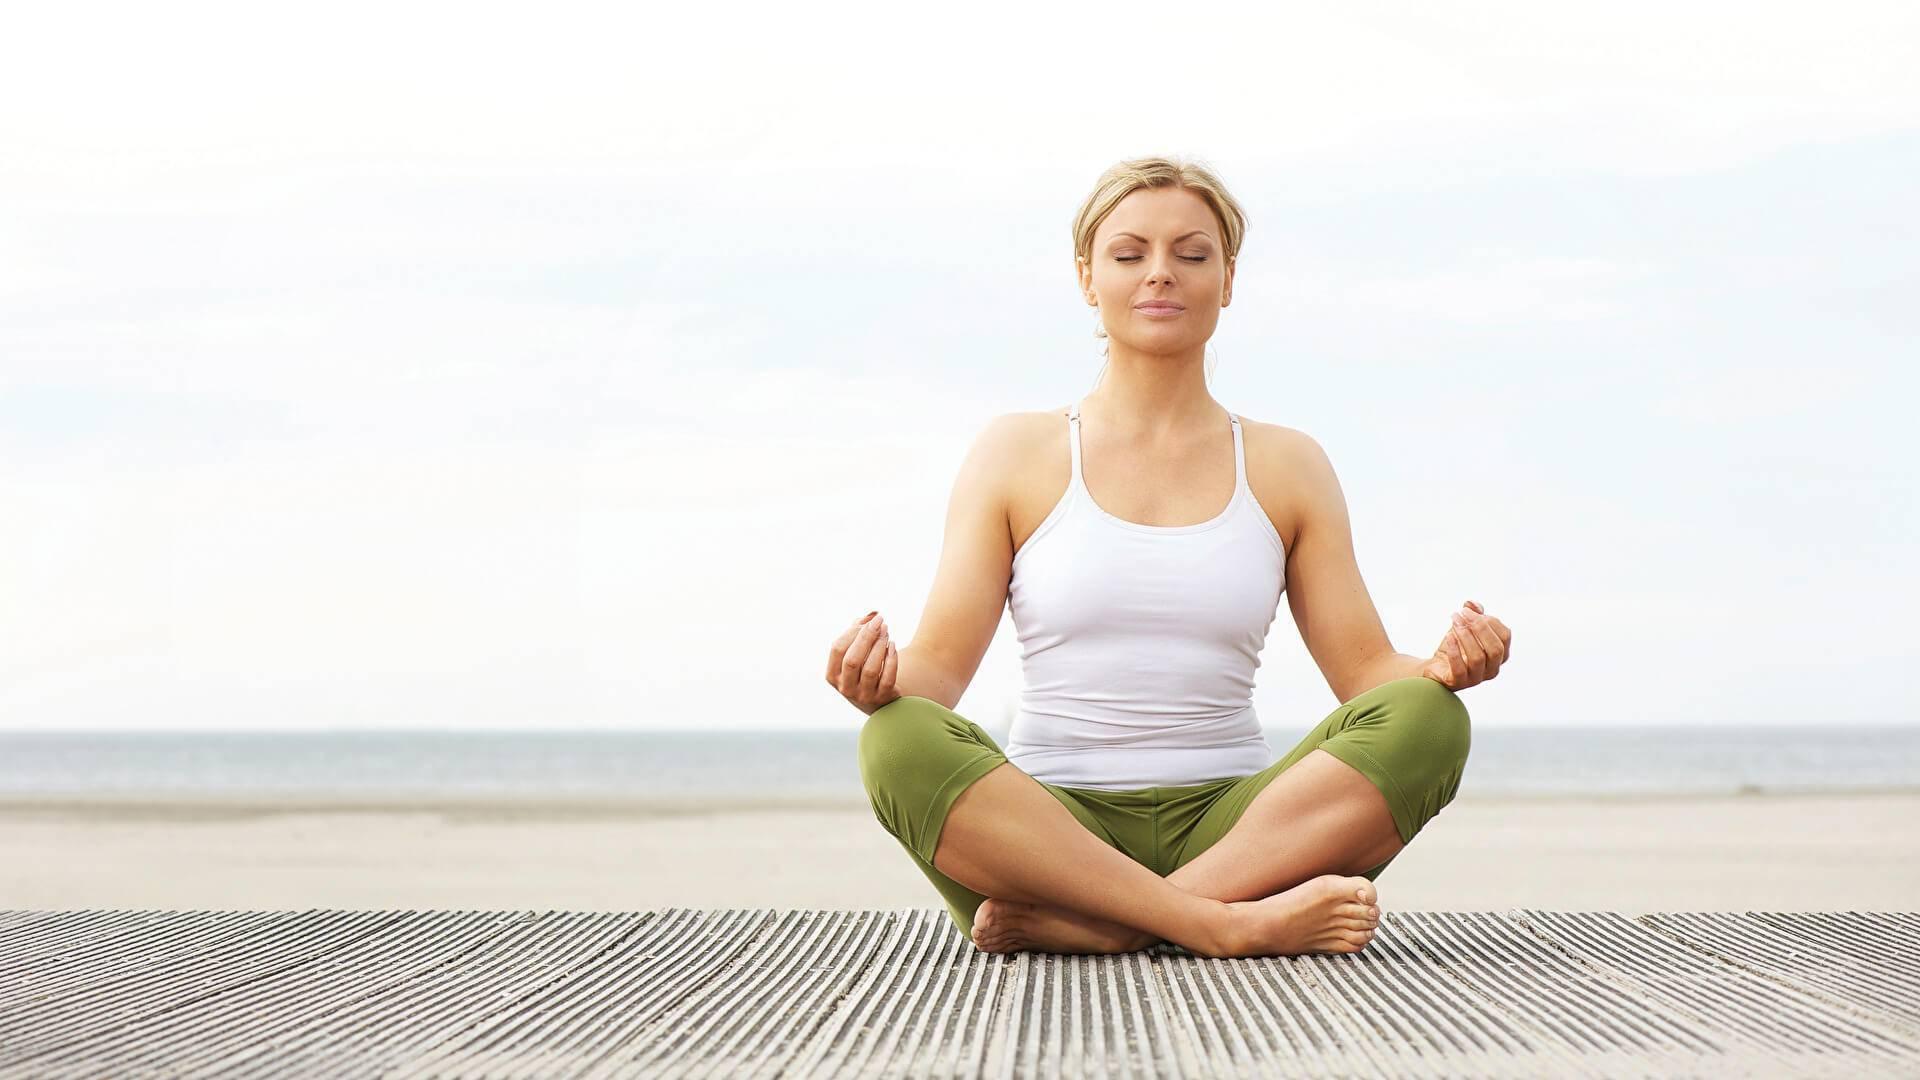 Йога для пожилых 60 – лет начинающим